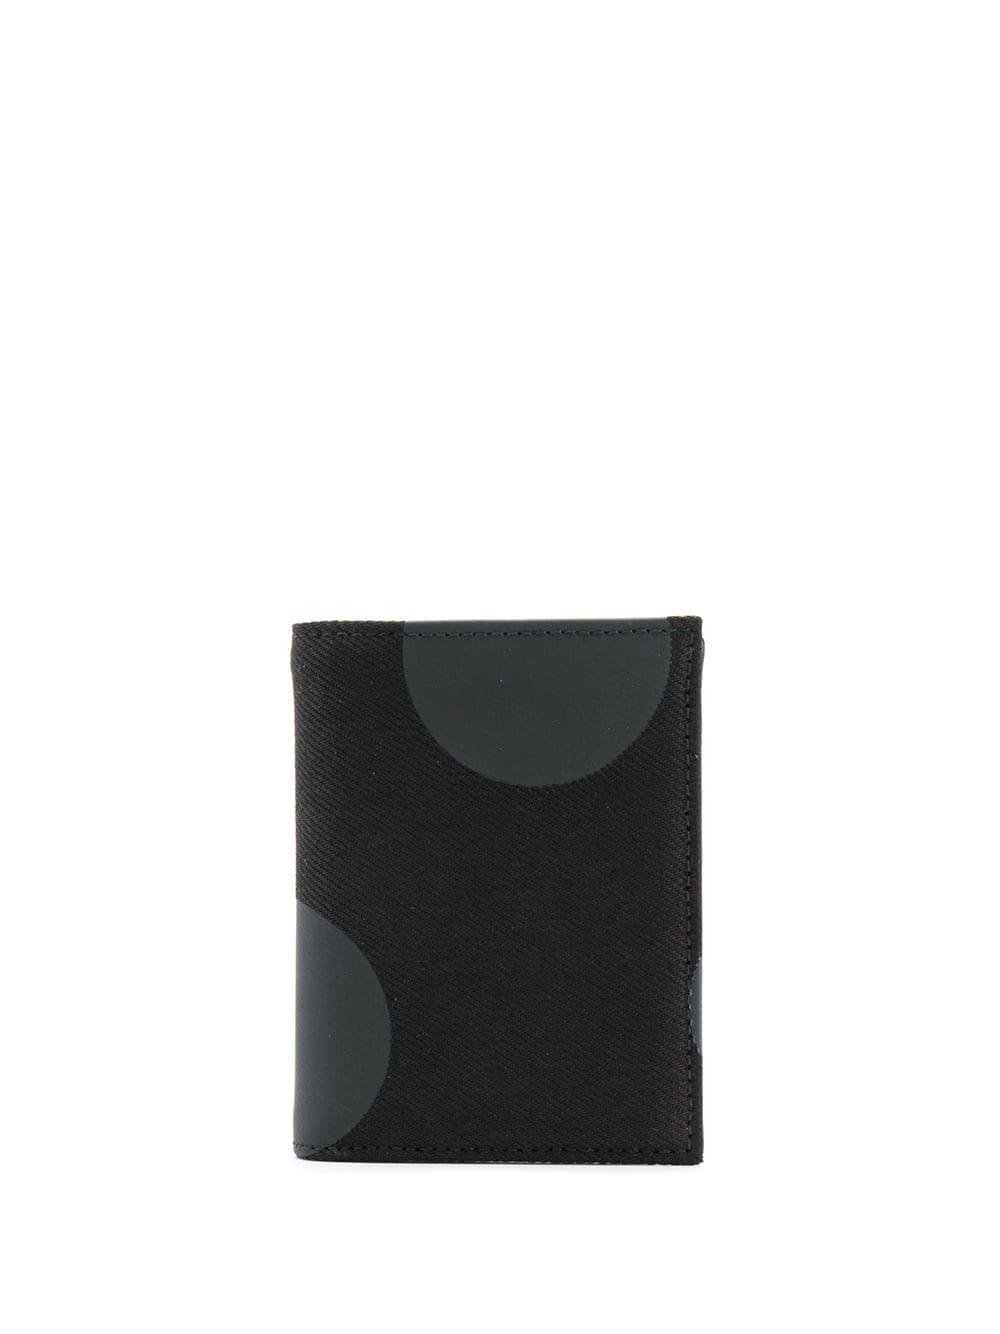 e6322636bc248 Comme Des Garçons Wallet  Dot  Portemonnaie - Schwarz von Comme Des Garçons  Wallet